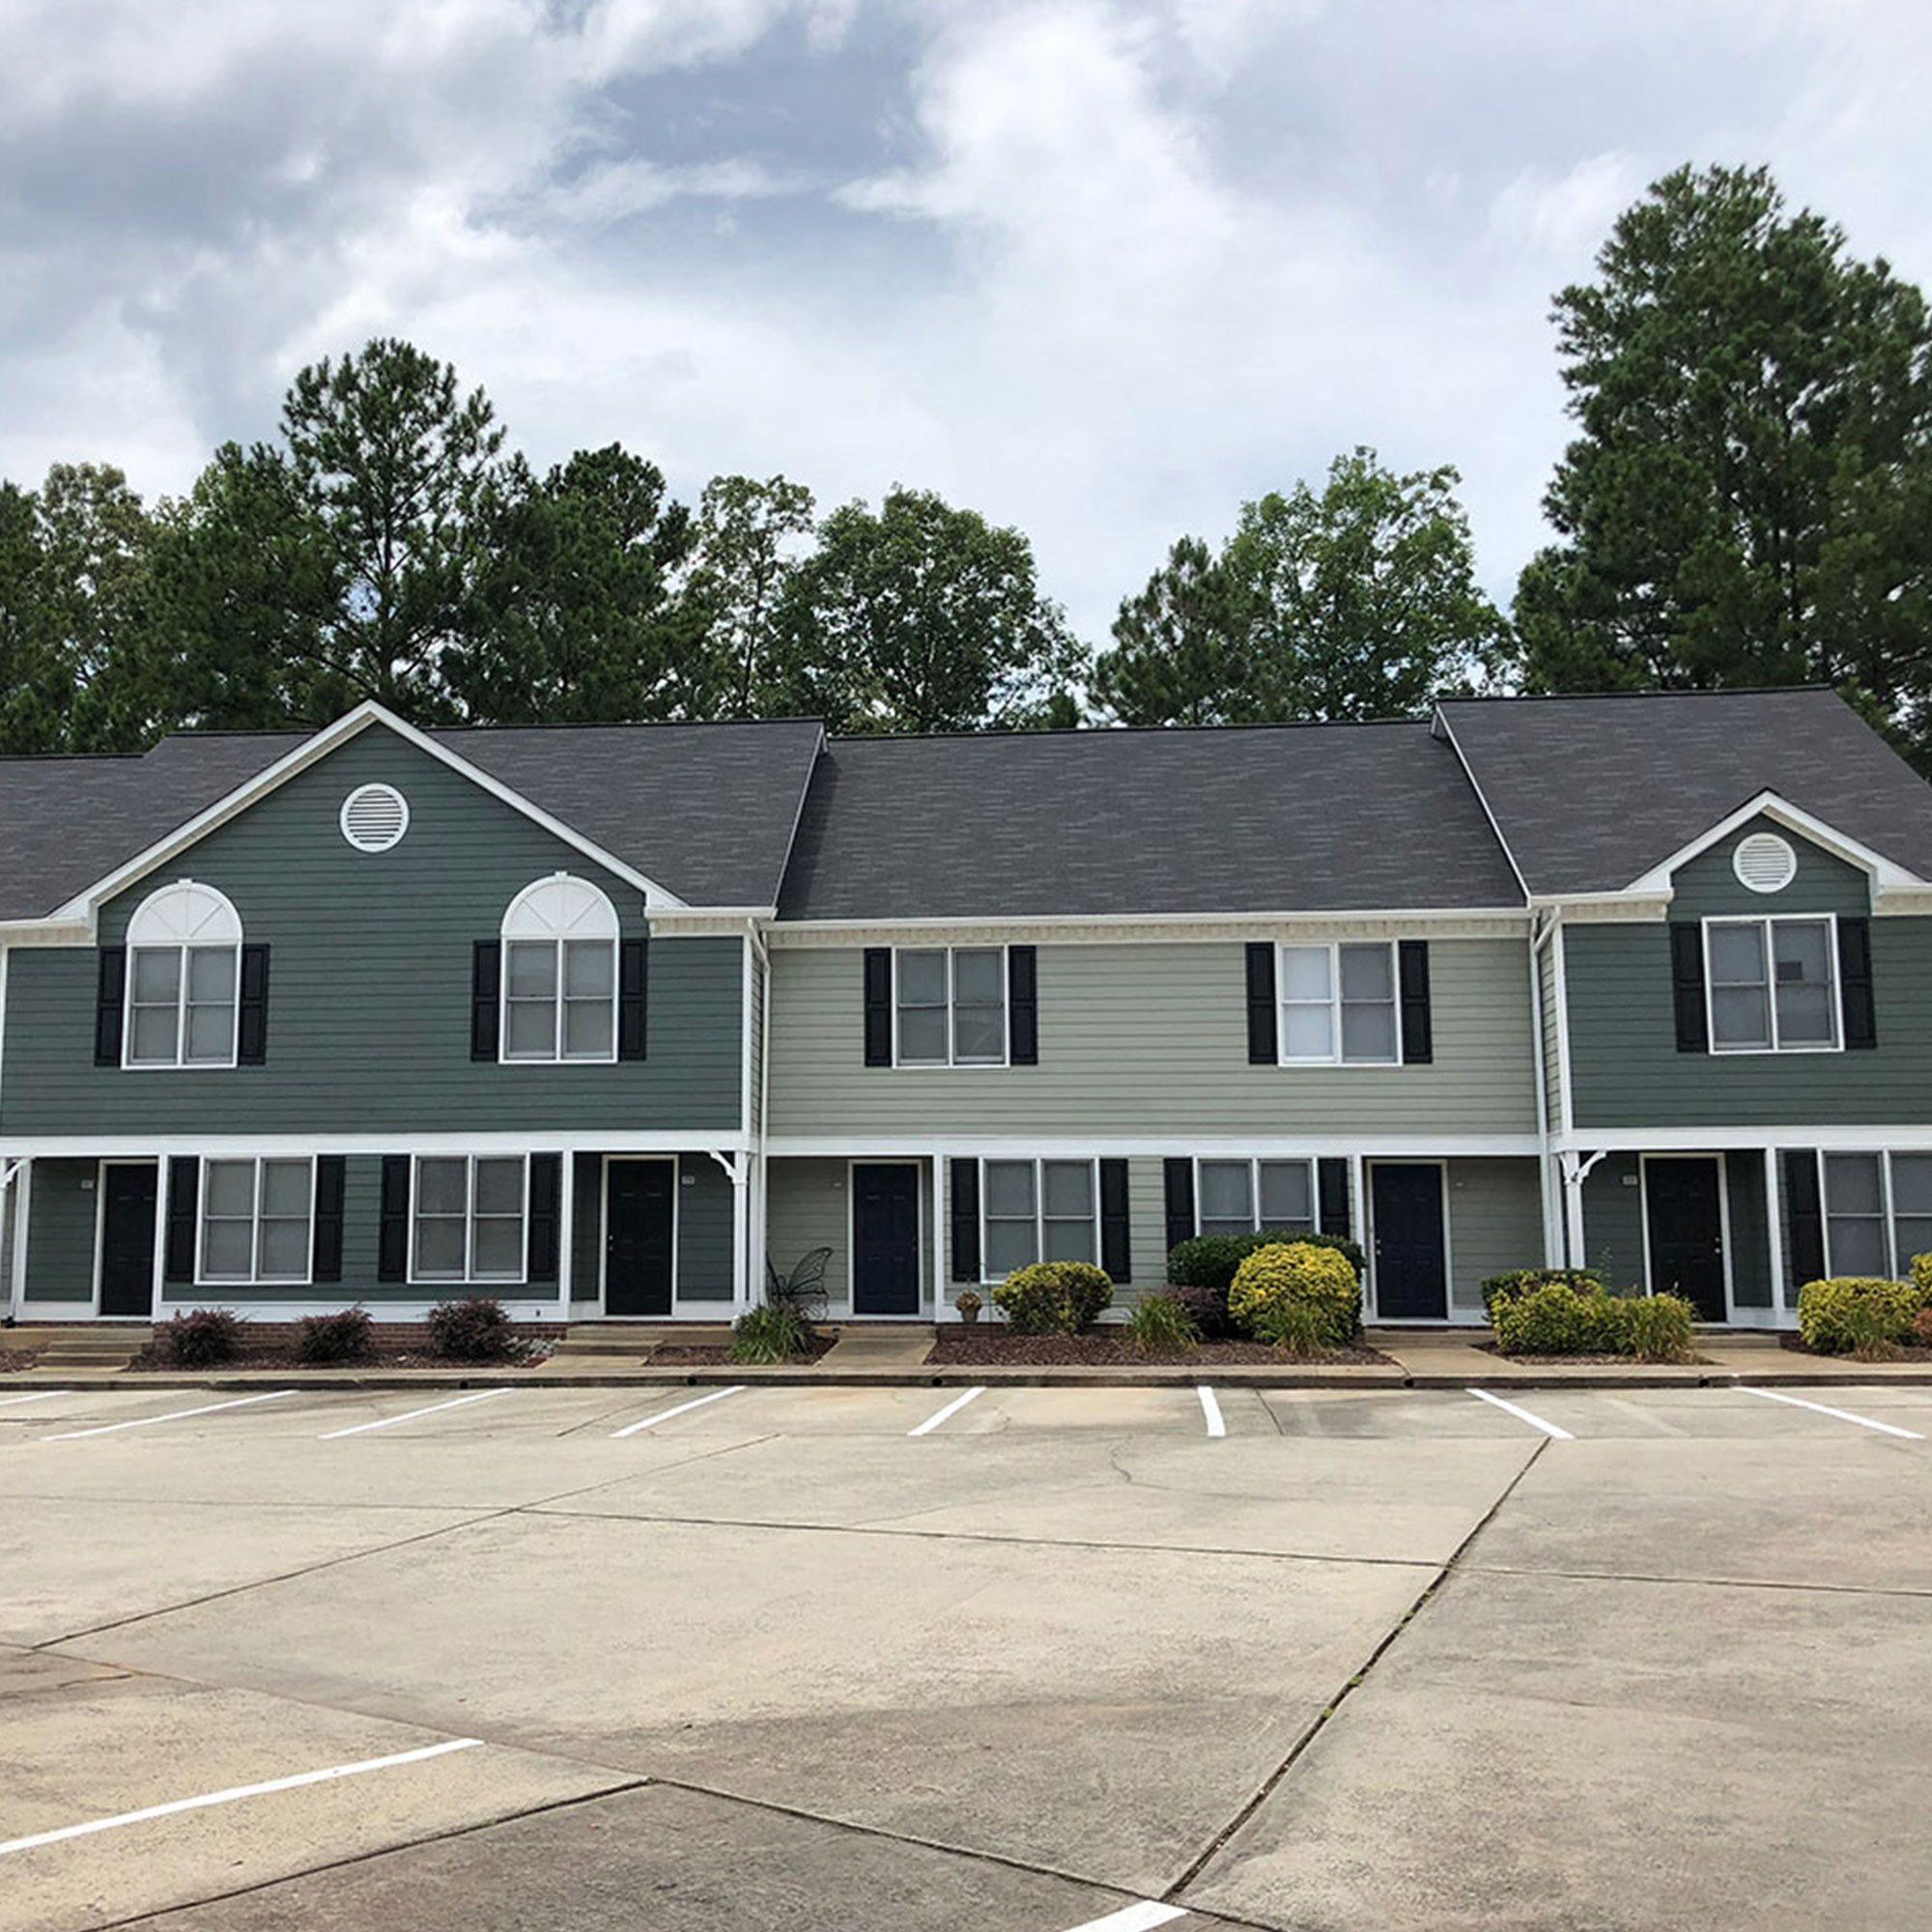 Durham Nc Apartments: Apartments In Durham, NC